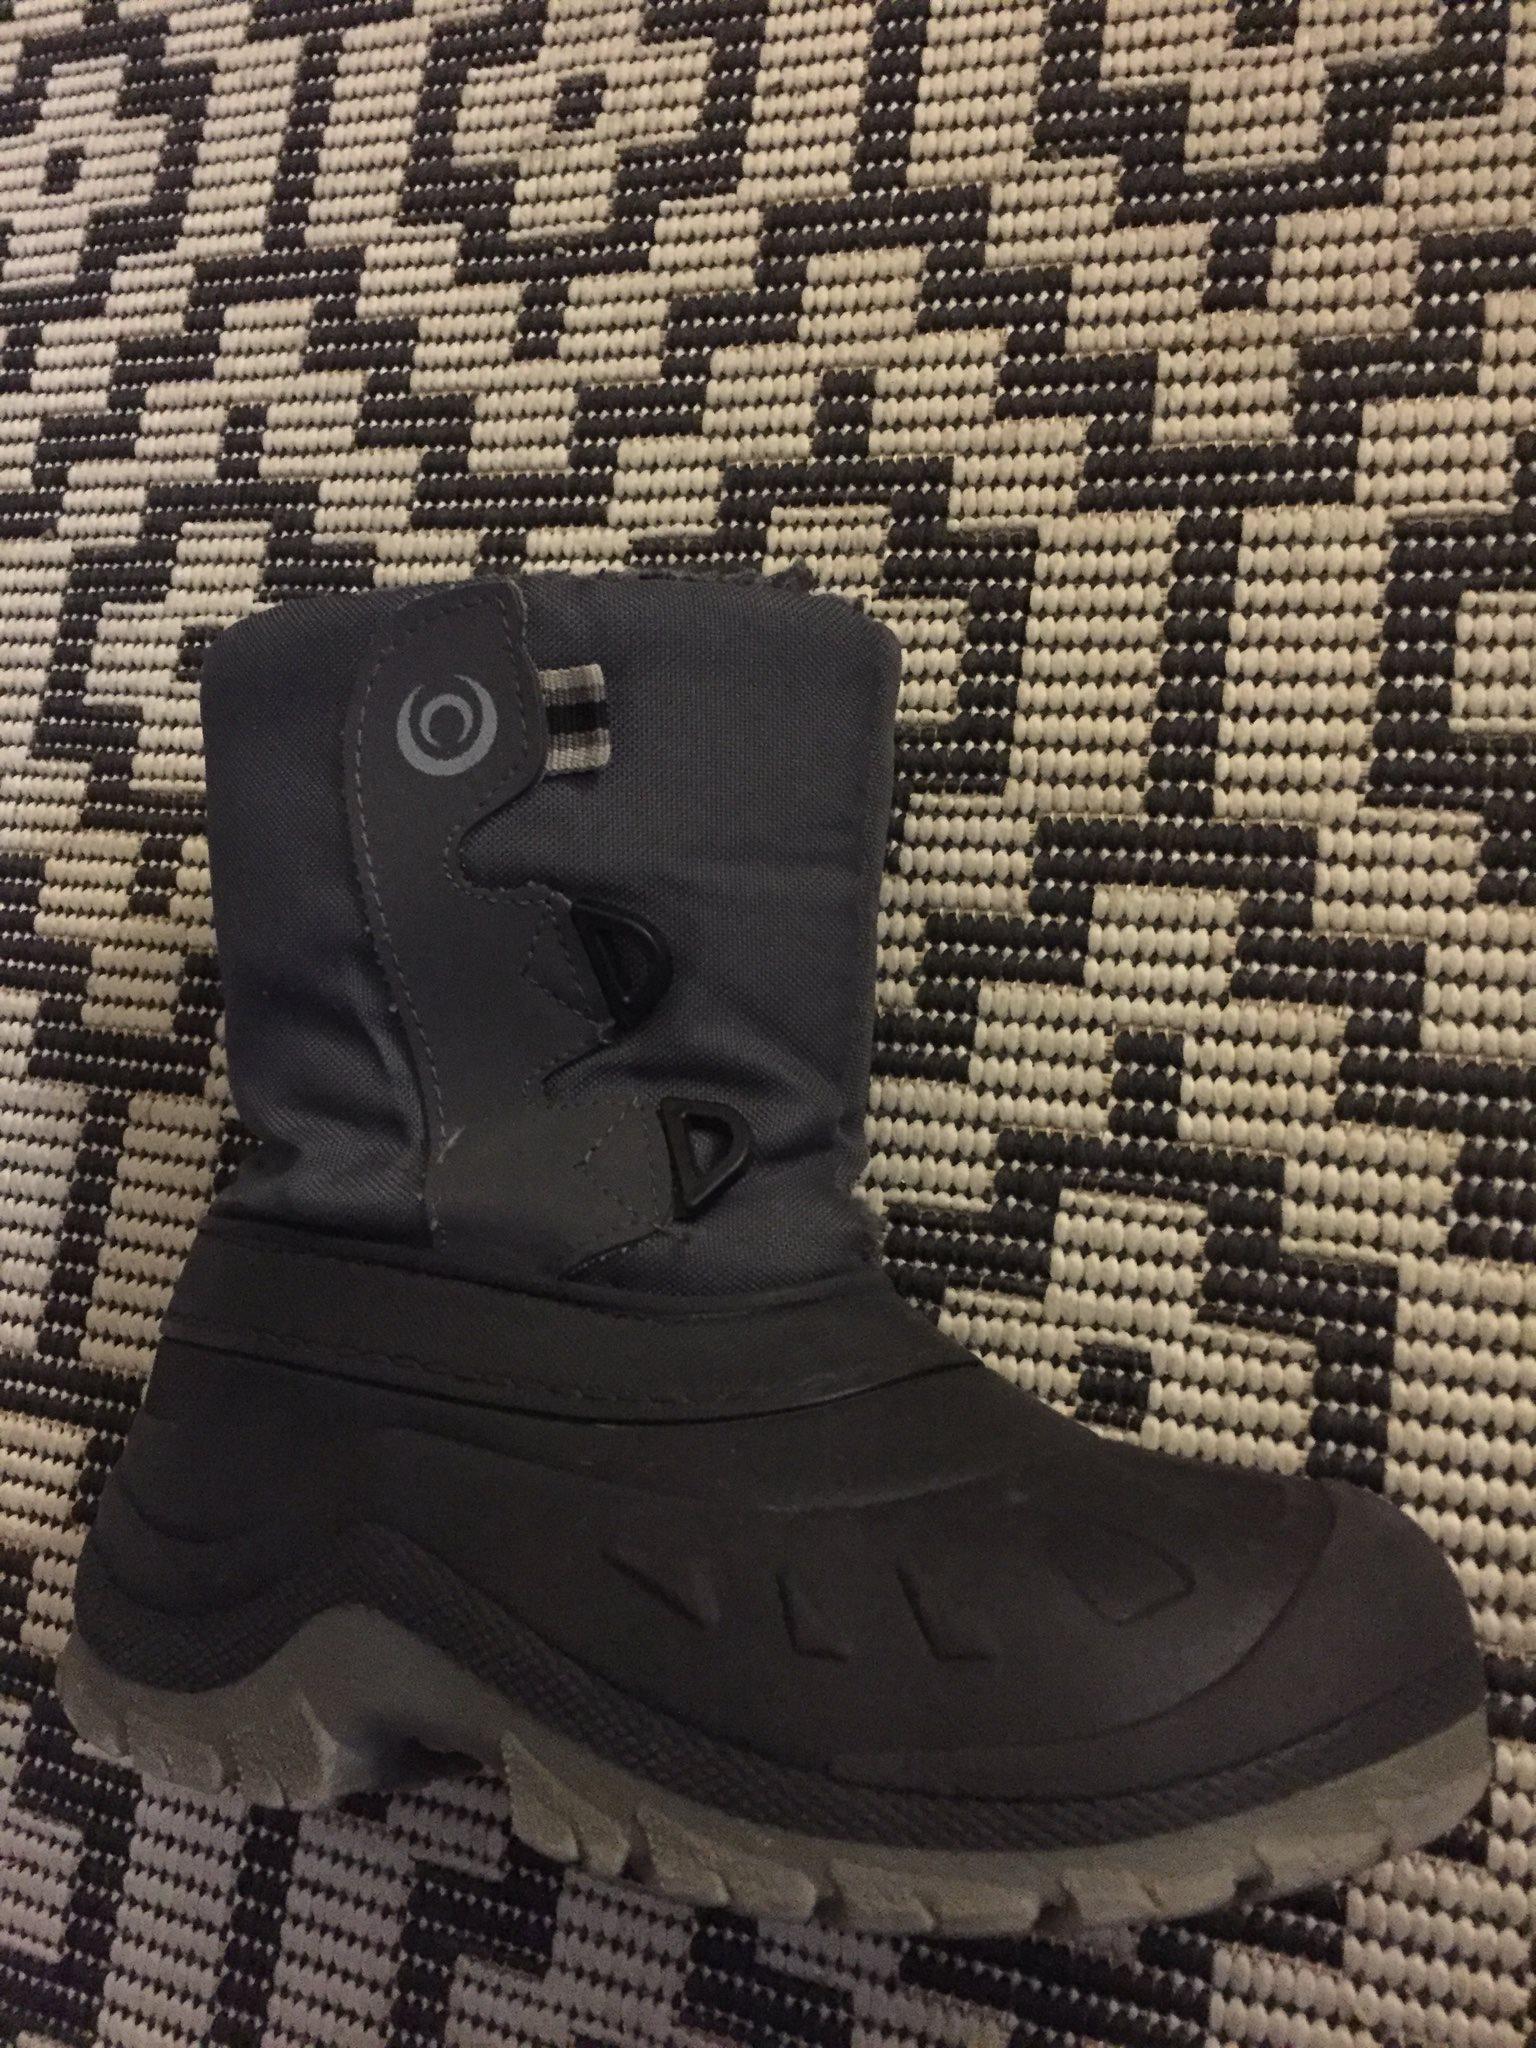 3c7bda03c77 Vinterstövlar boots vattentäta (330957312) ᐈ Köp på Tradera